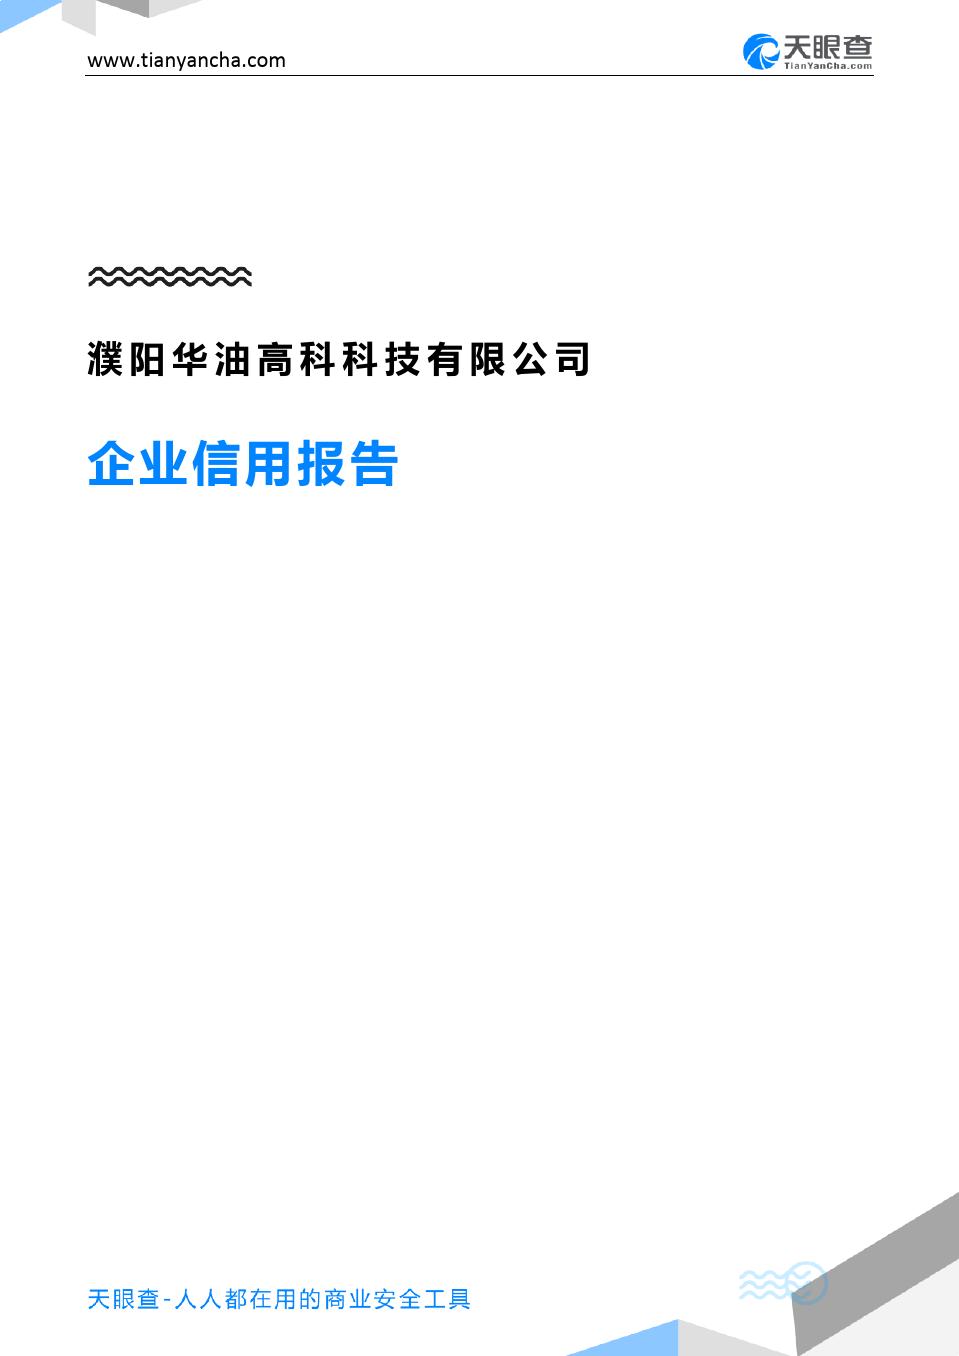 濮阳华油高科科技有限公司(企业信用报告)- 天眼查